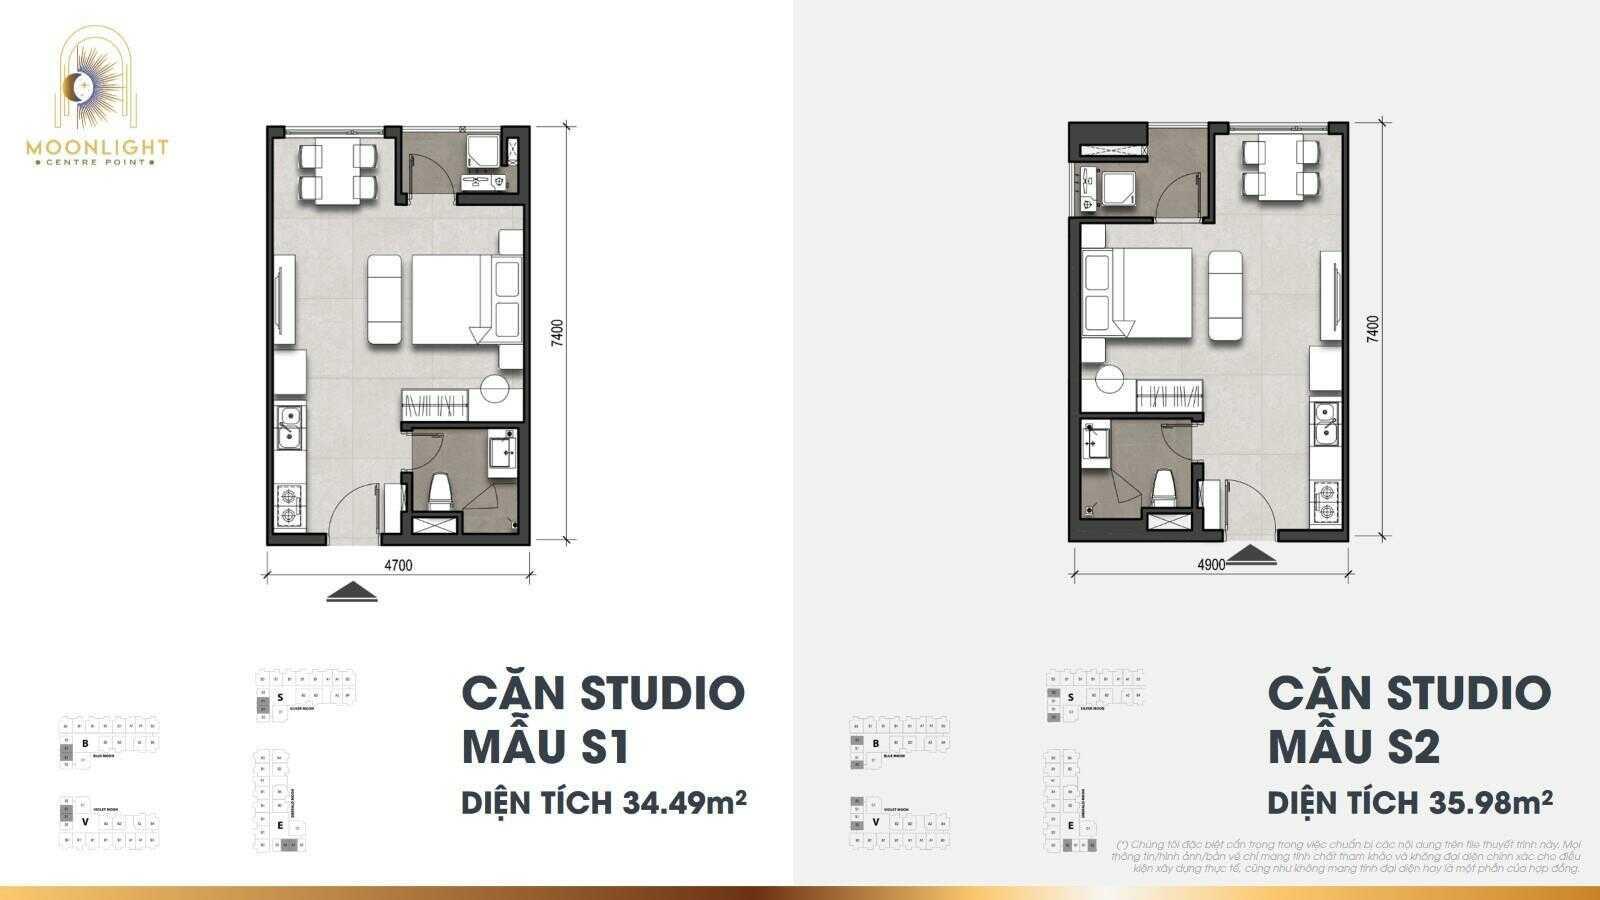 Studio Moonlight Centre Point